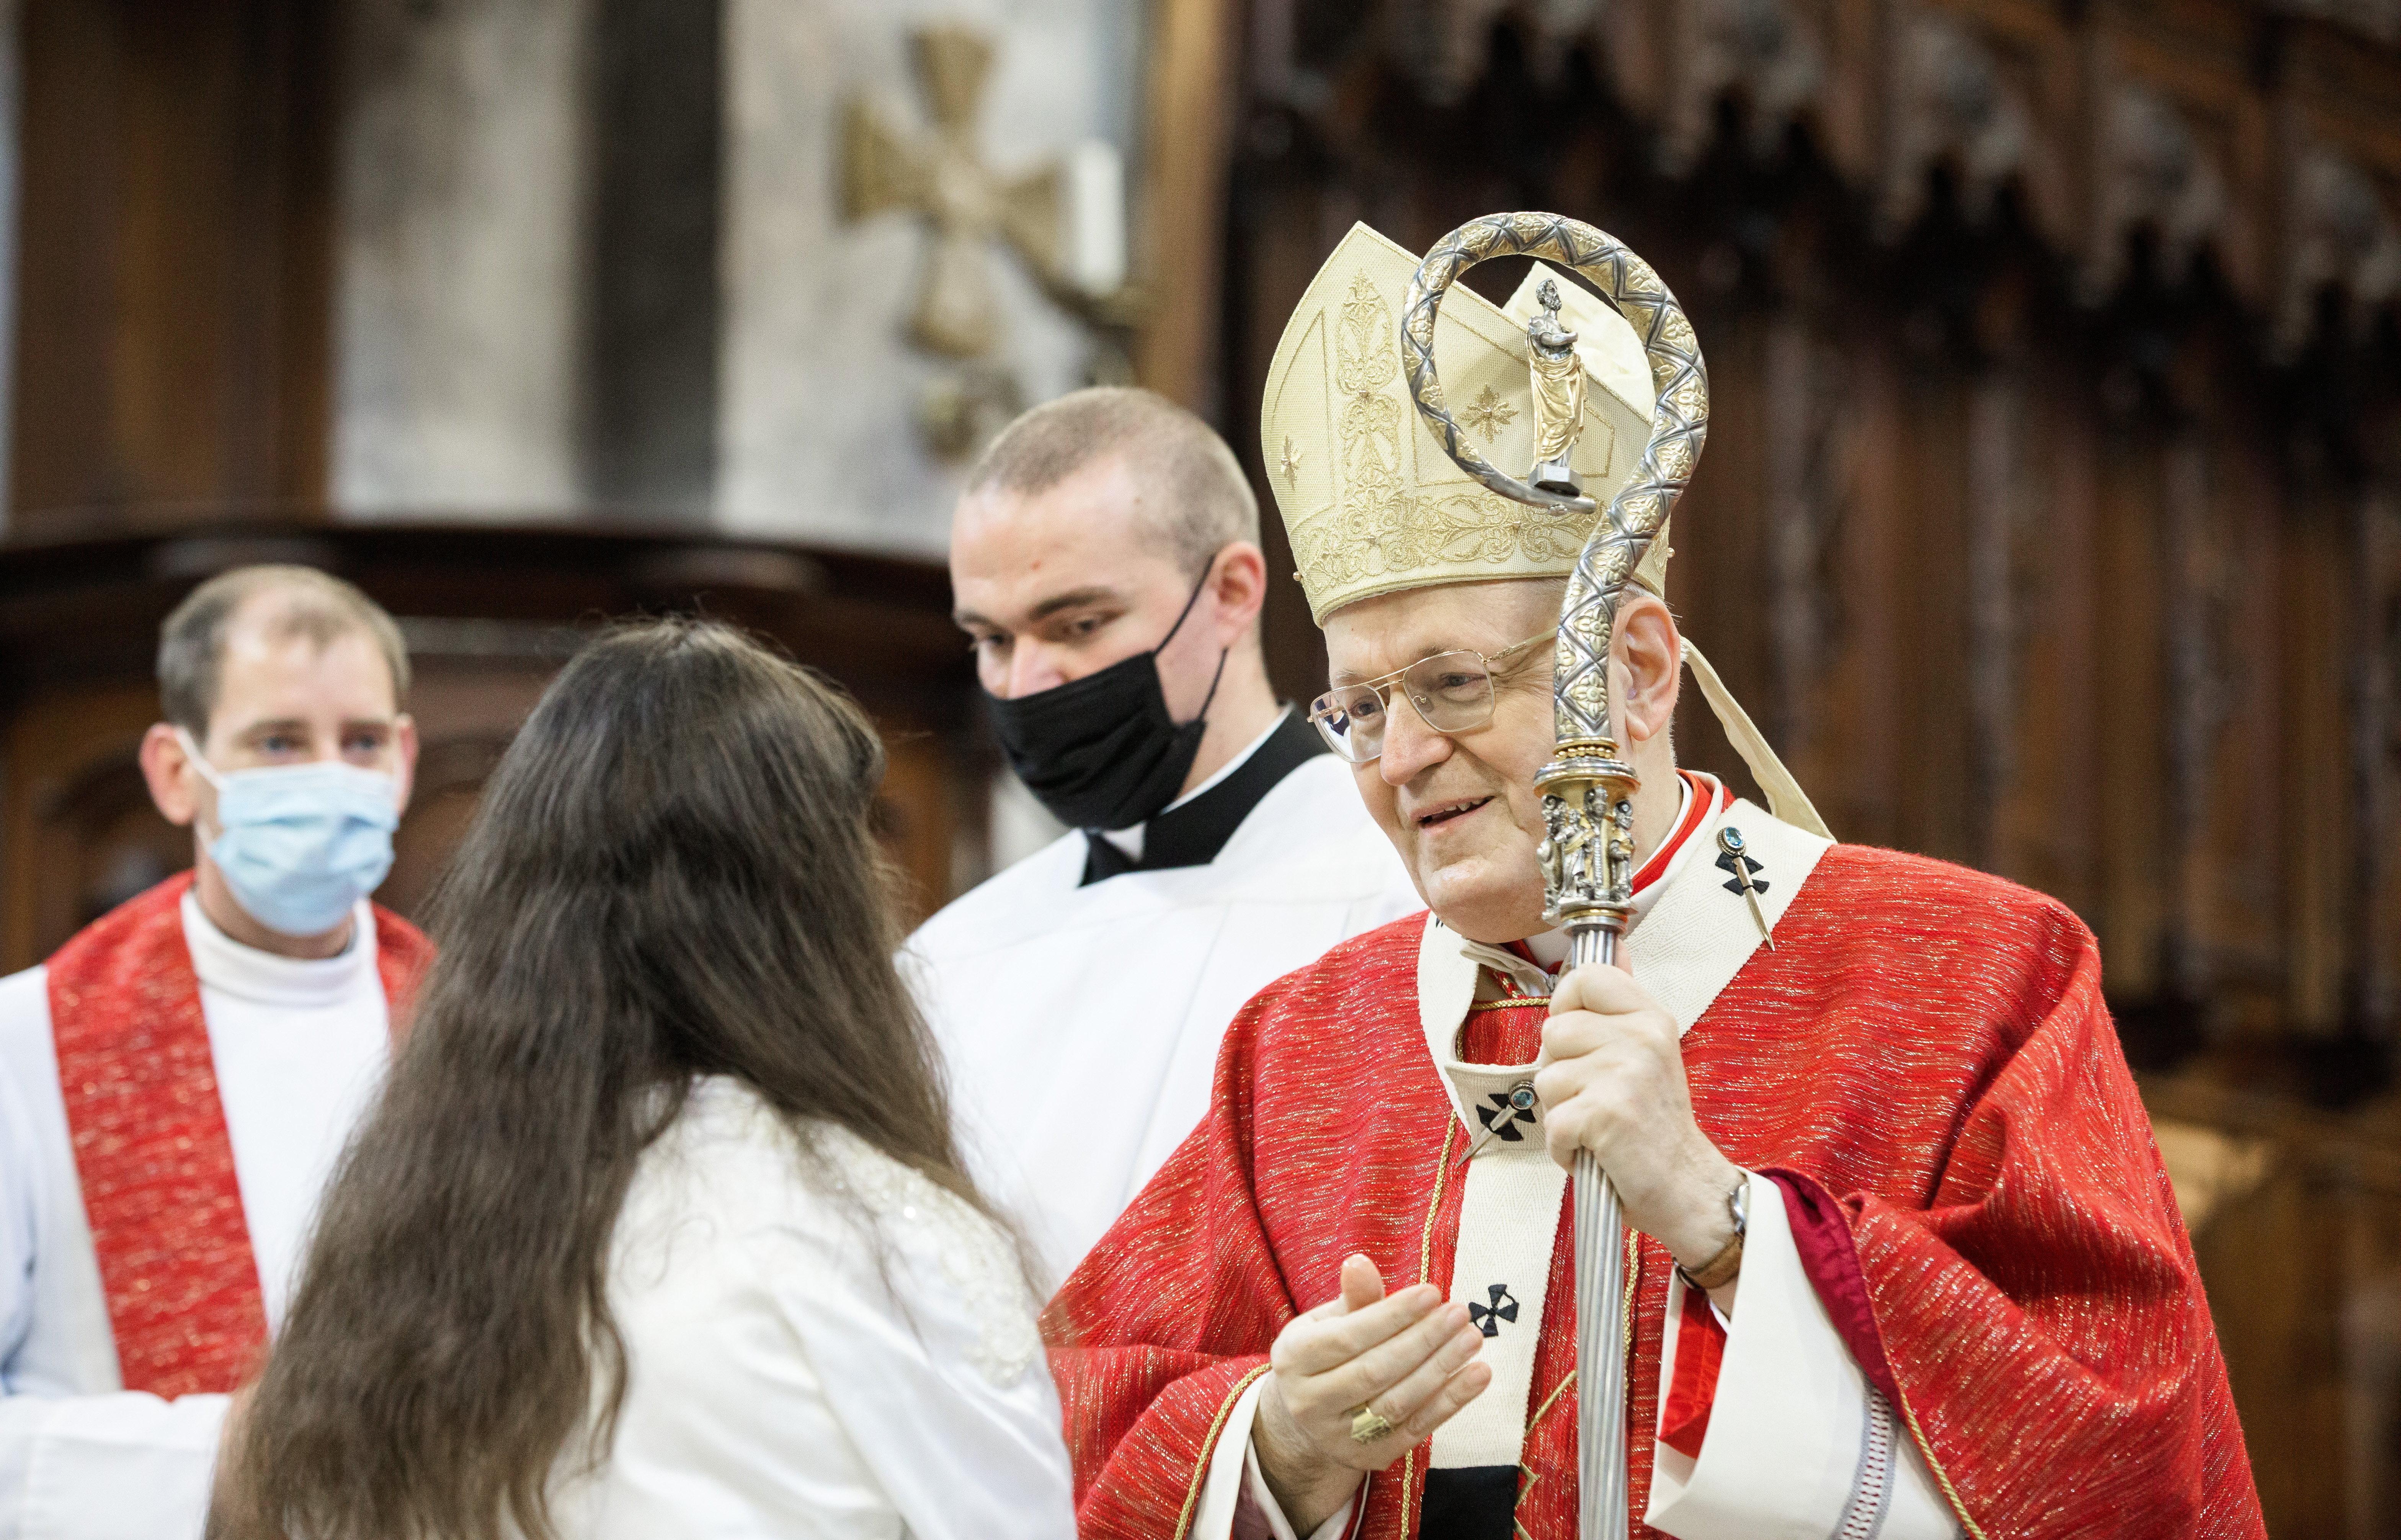 A katolikus püspökök ismét tettek gesztusokat az áldozatok felé, de a visszaélések átfogó vizsgálatáról továbbra sincs szó